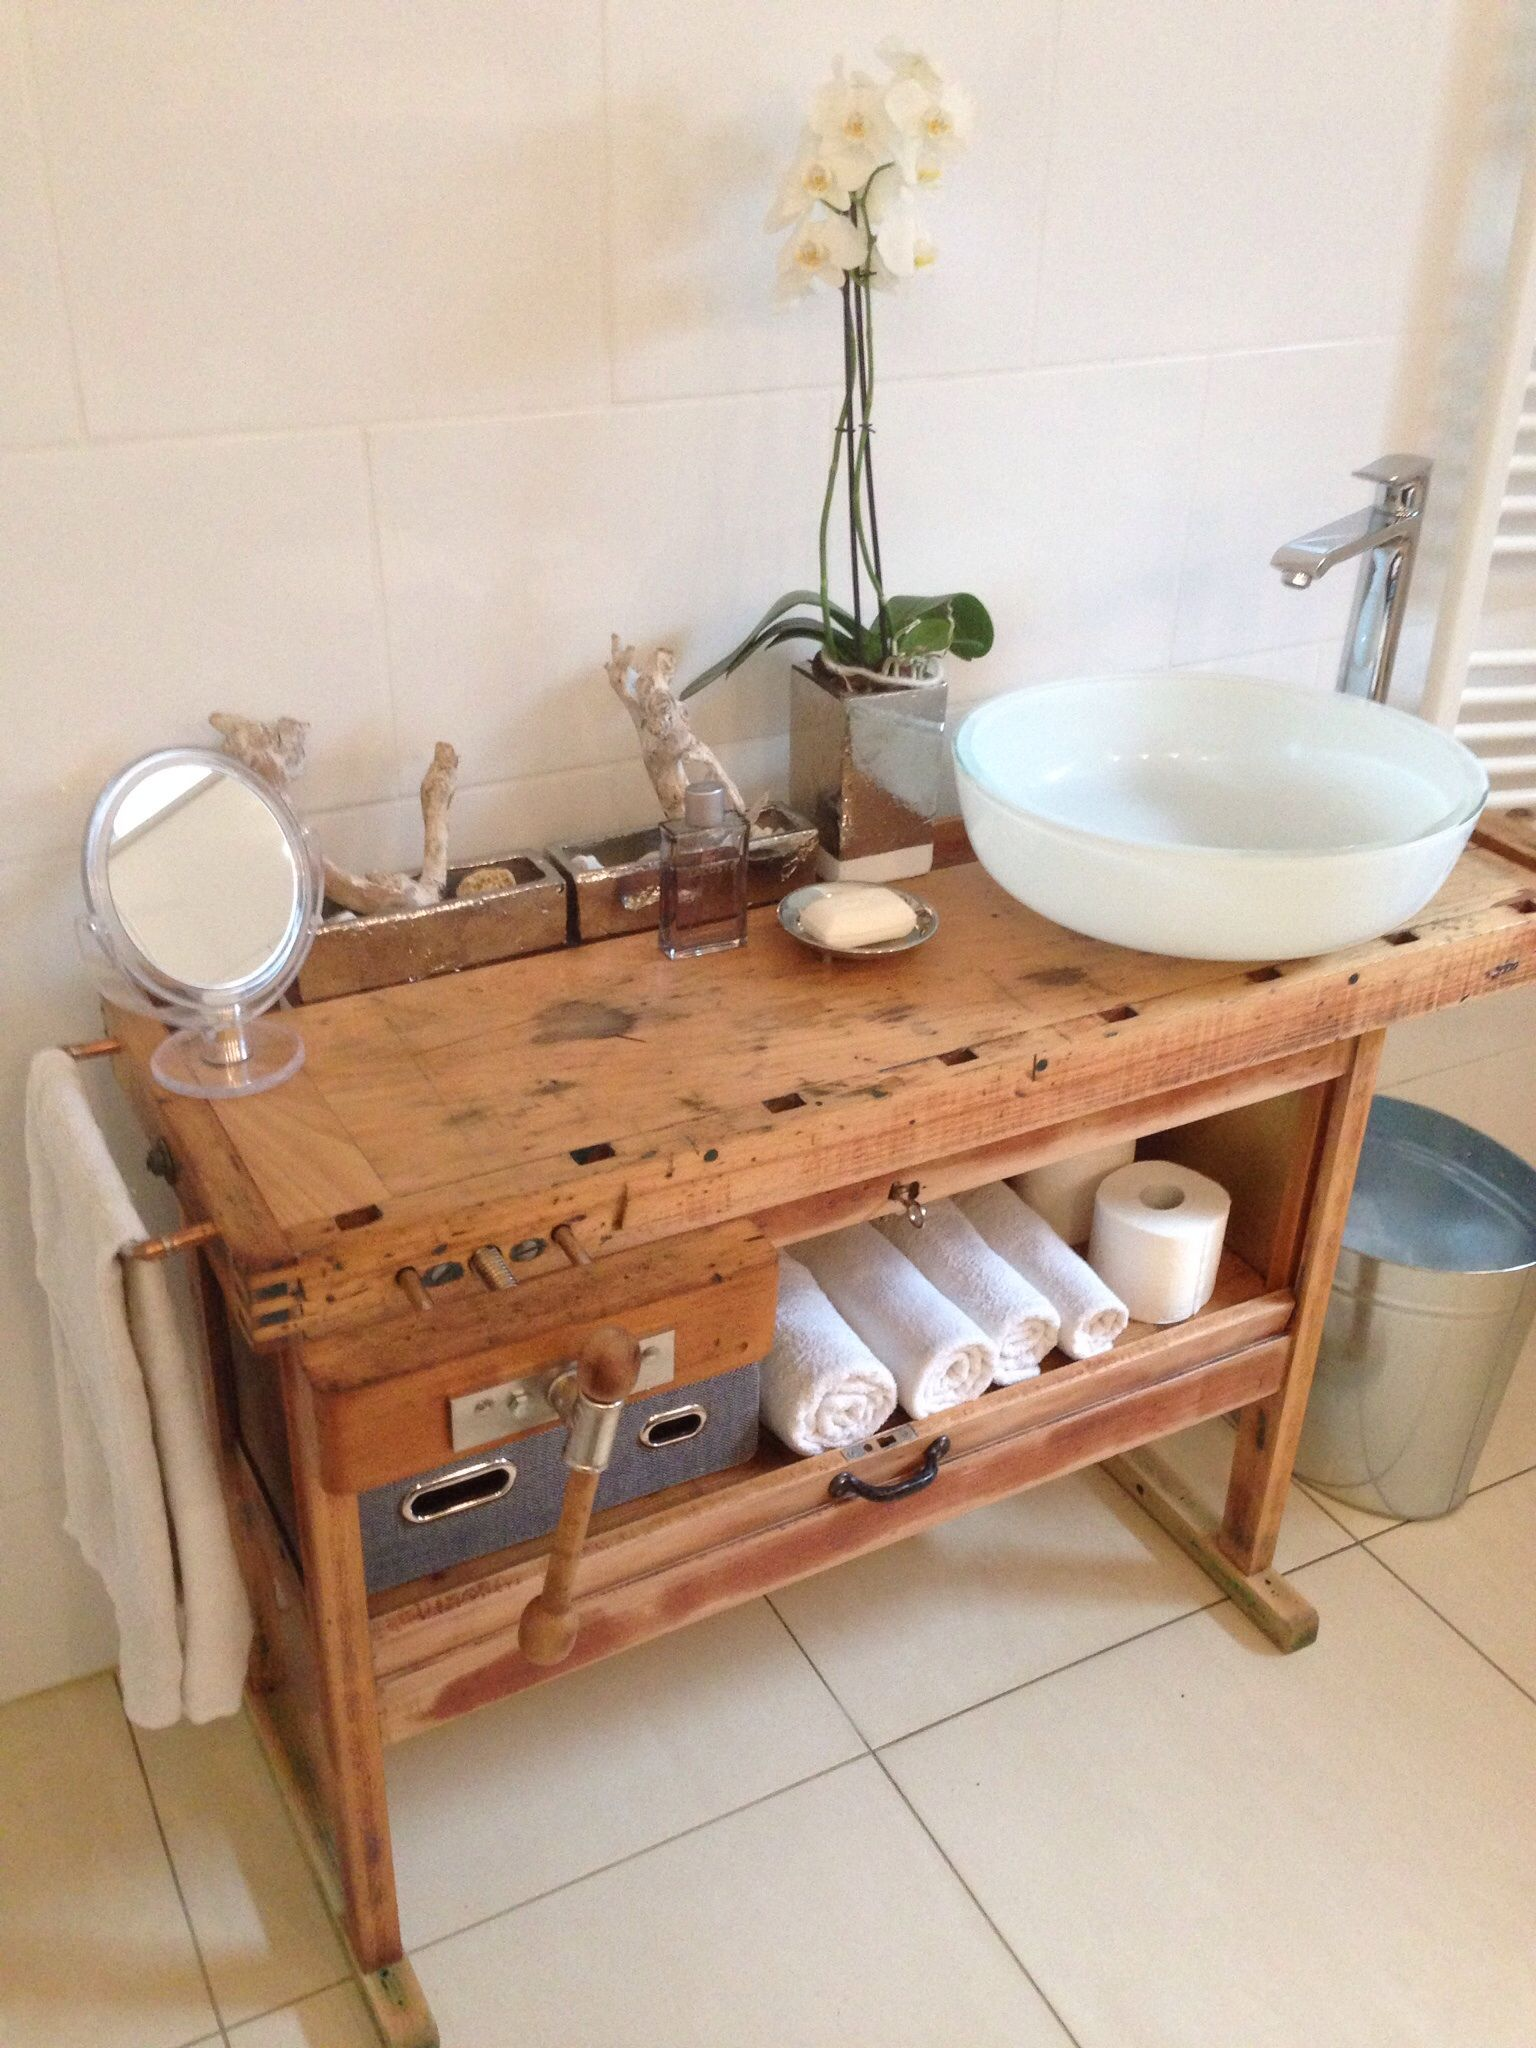 Waschtisch Aus Einer Hobelbank Kleine Kuchenspule Badezimmer Zimmer Kuche